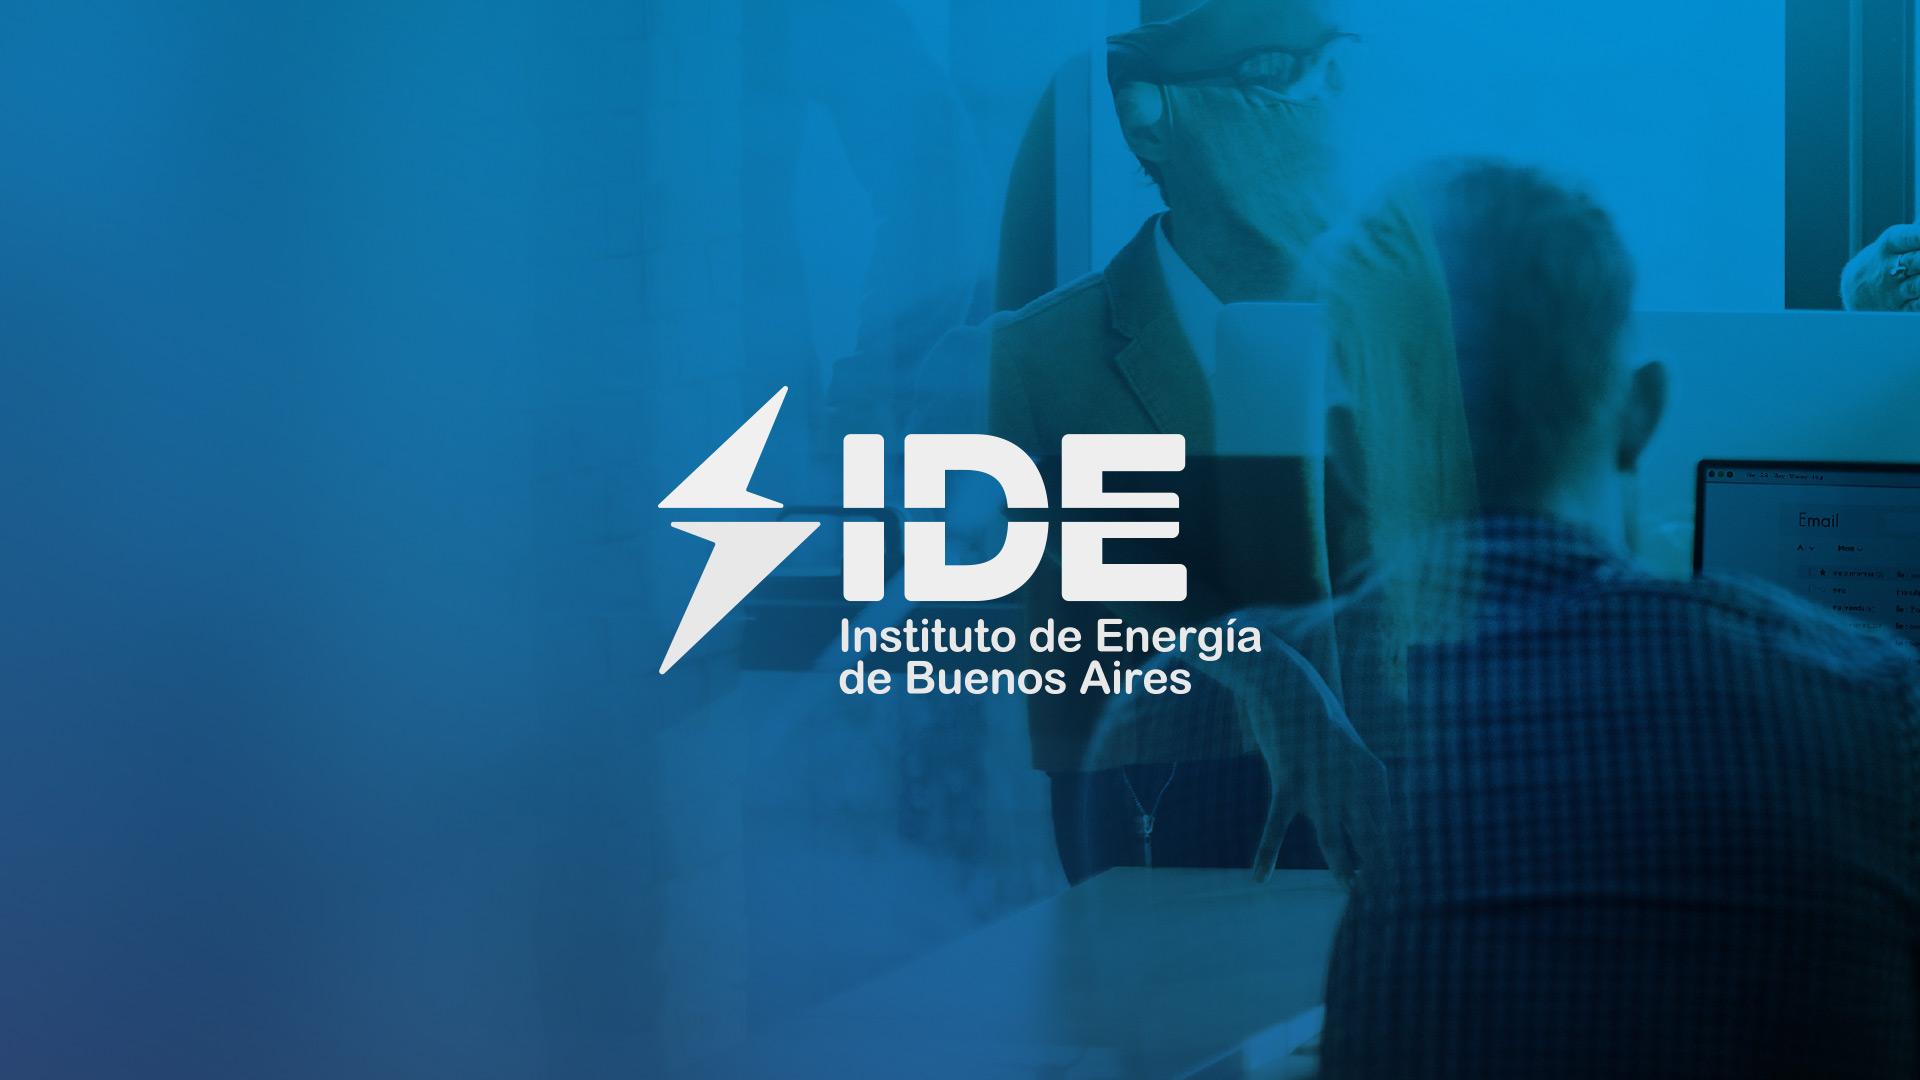 """Desayuno de Trabajo sobre """"Introducción a la Movilidad Eléctrica y la Participación del Distribuidor"""